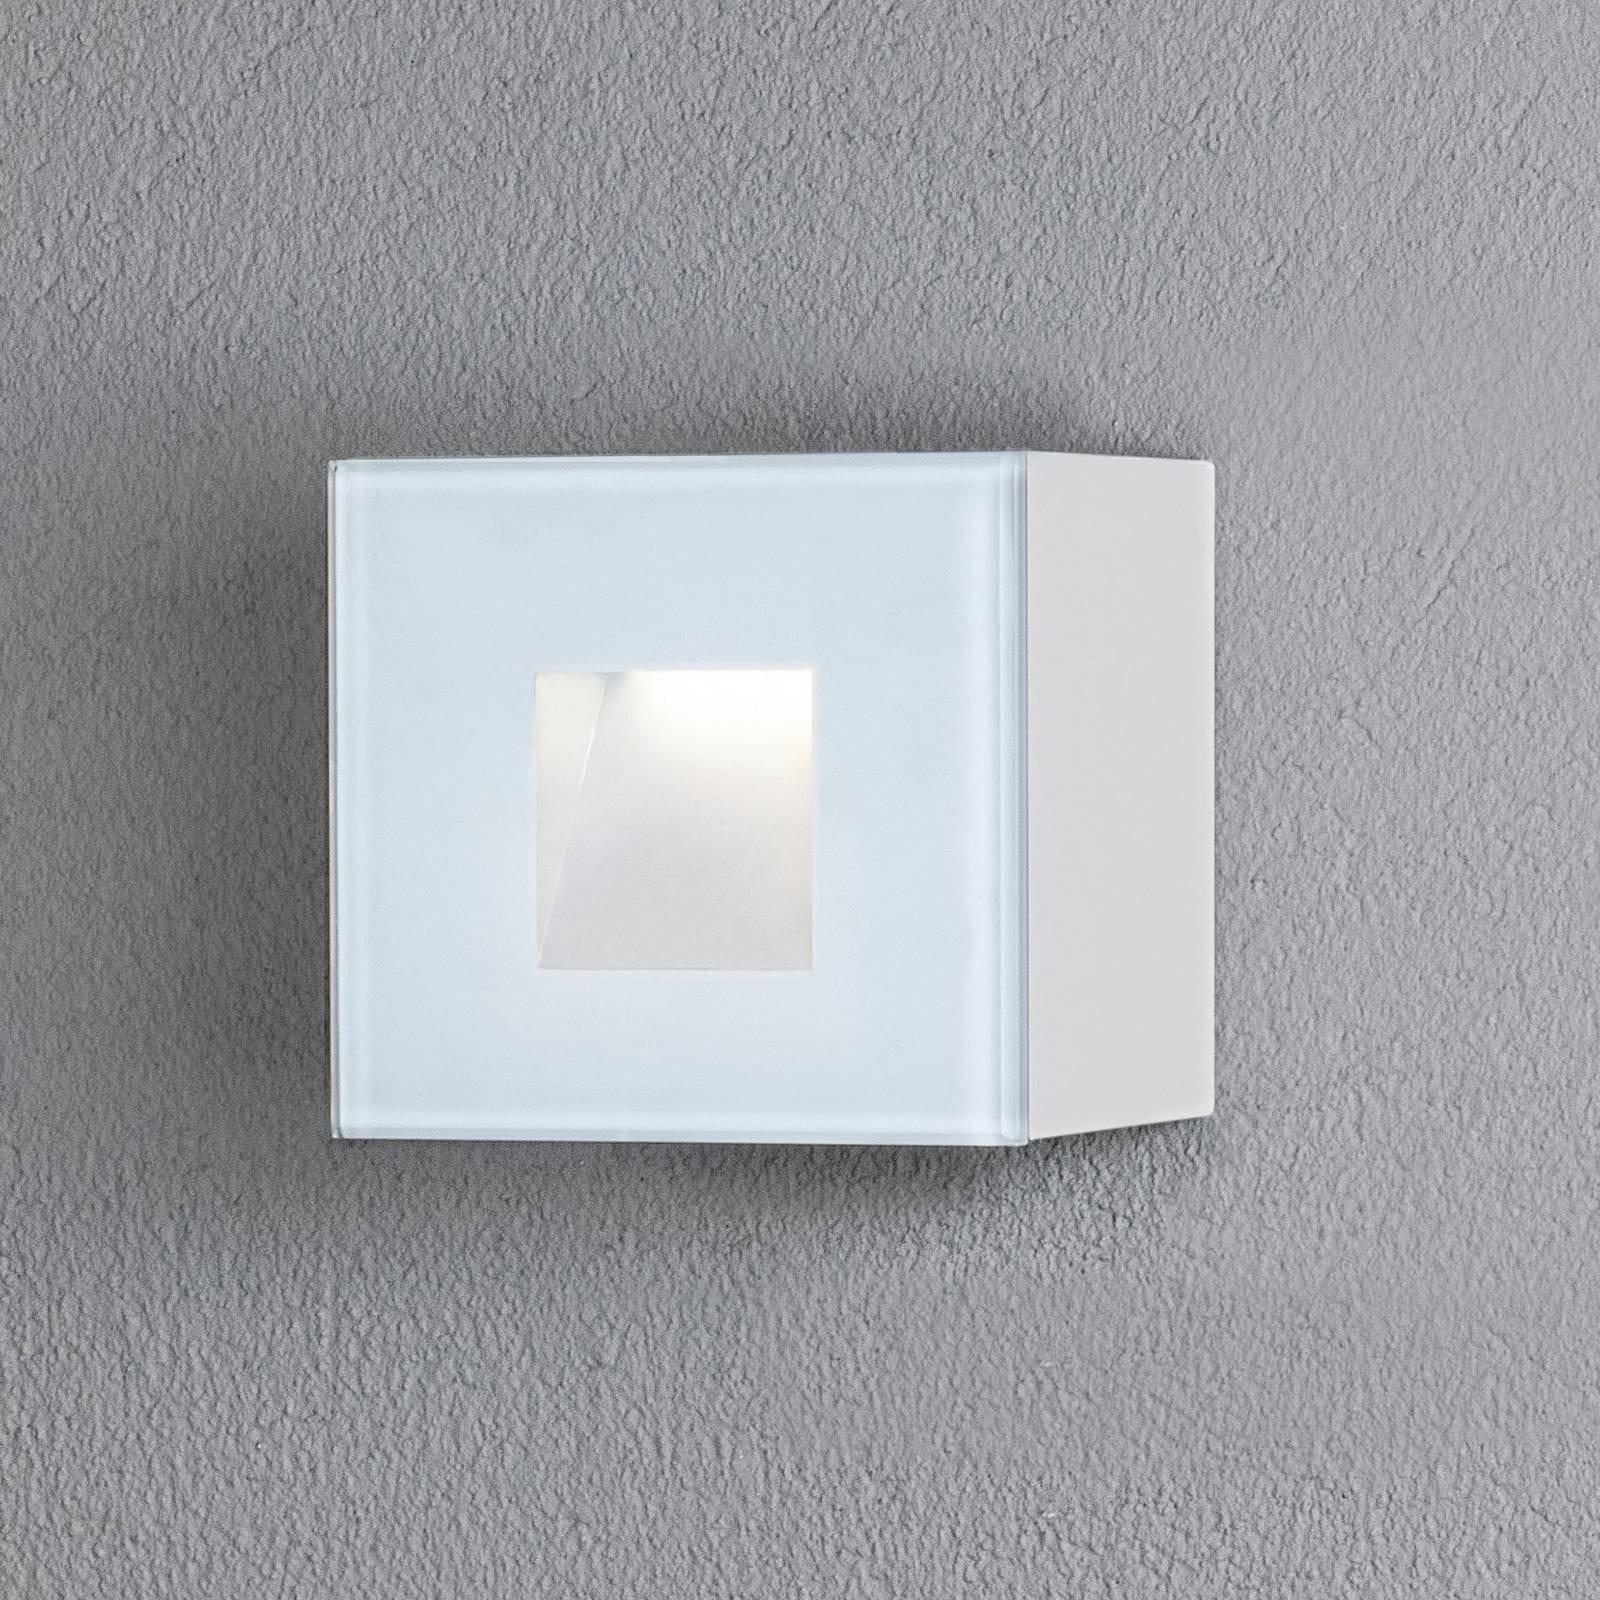 Chieri utendørs LED-vegglampe, 8 x 8 cm, hvit